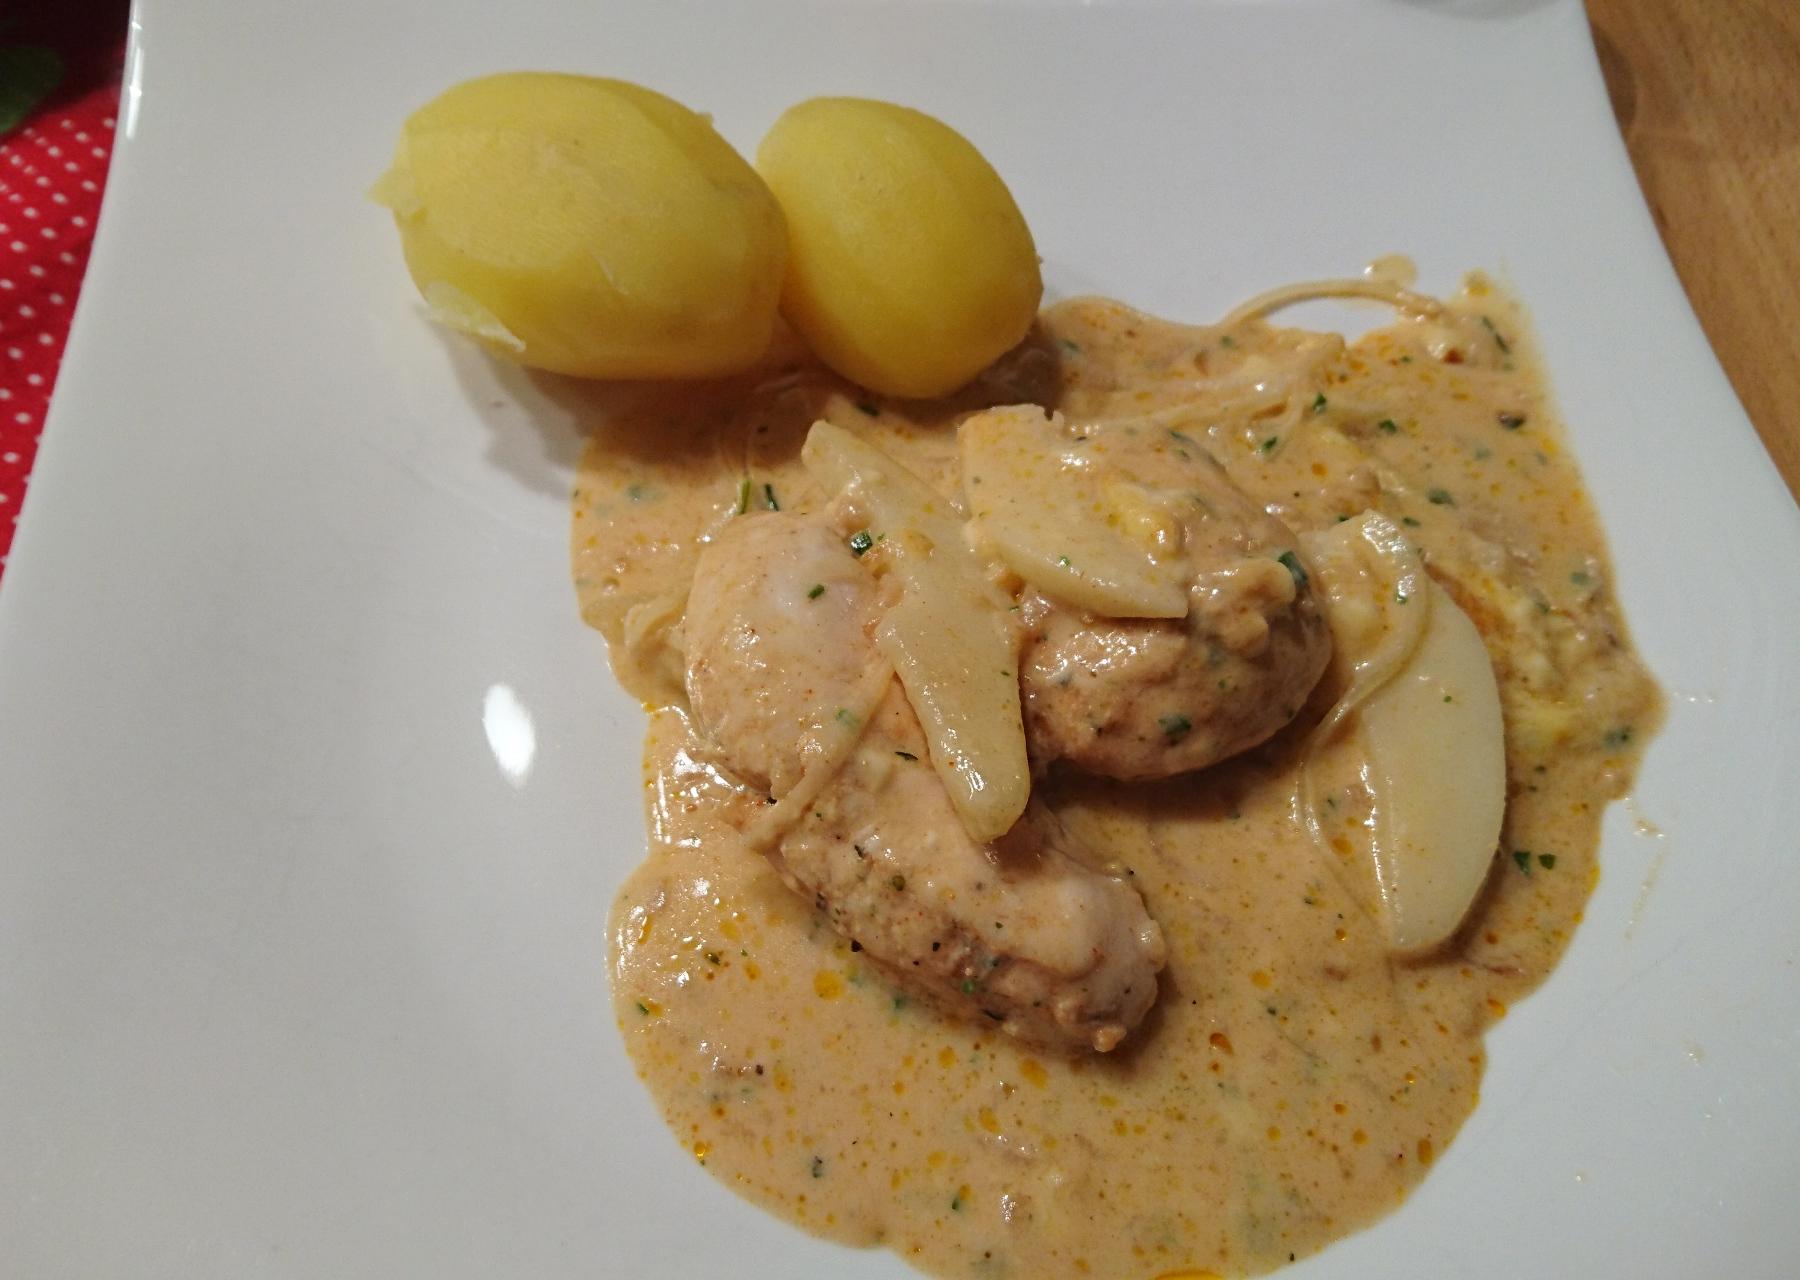 Hähnchen mit Birne und Zwiebel-Sahnesoße aus der stilvollen Ofenhexe